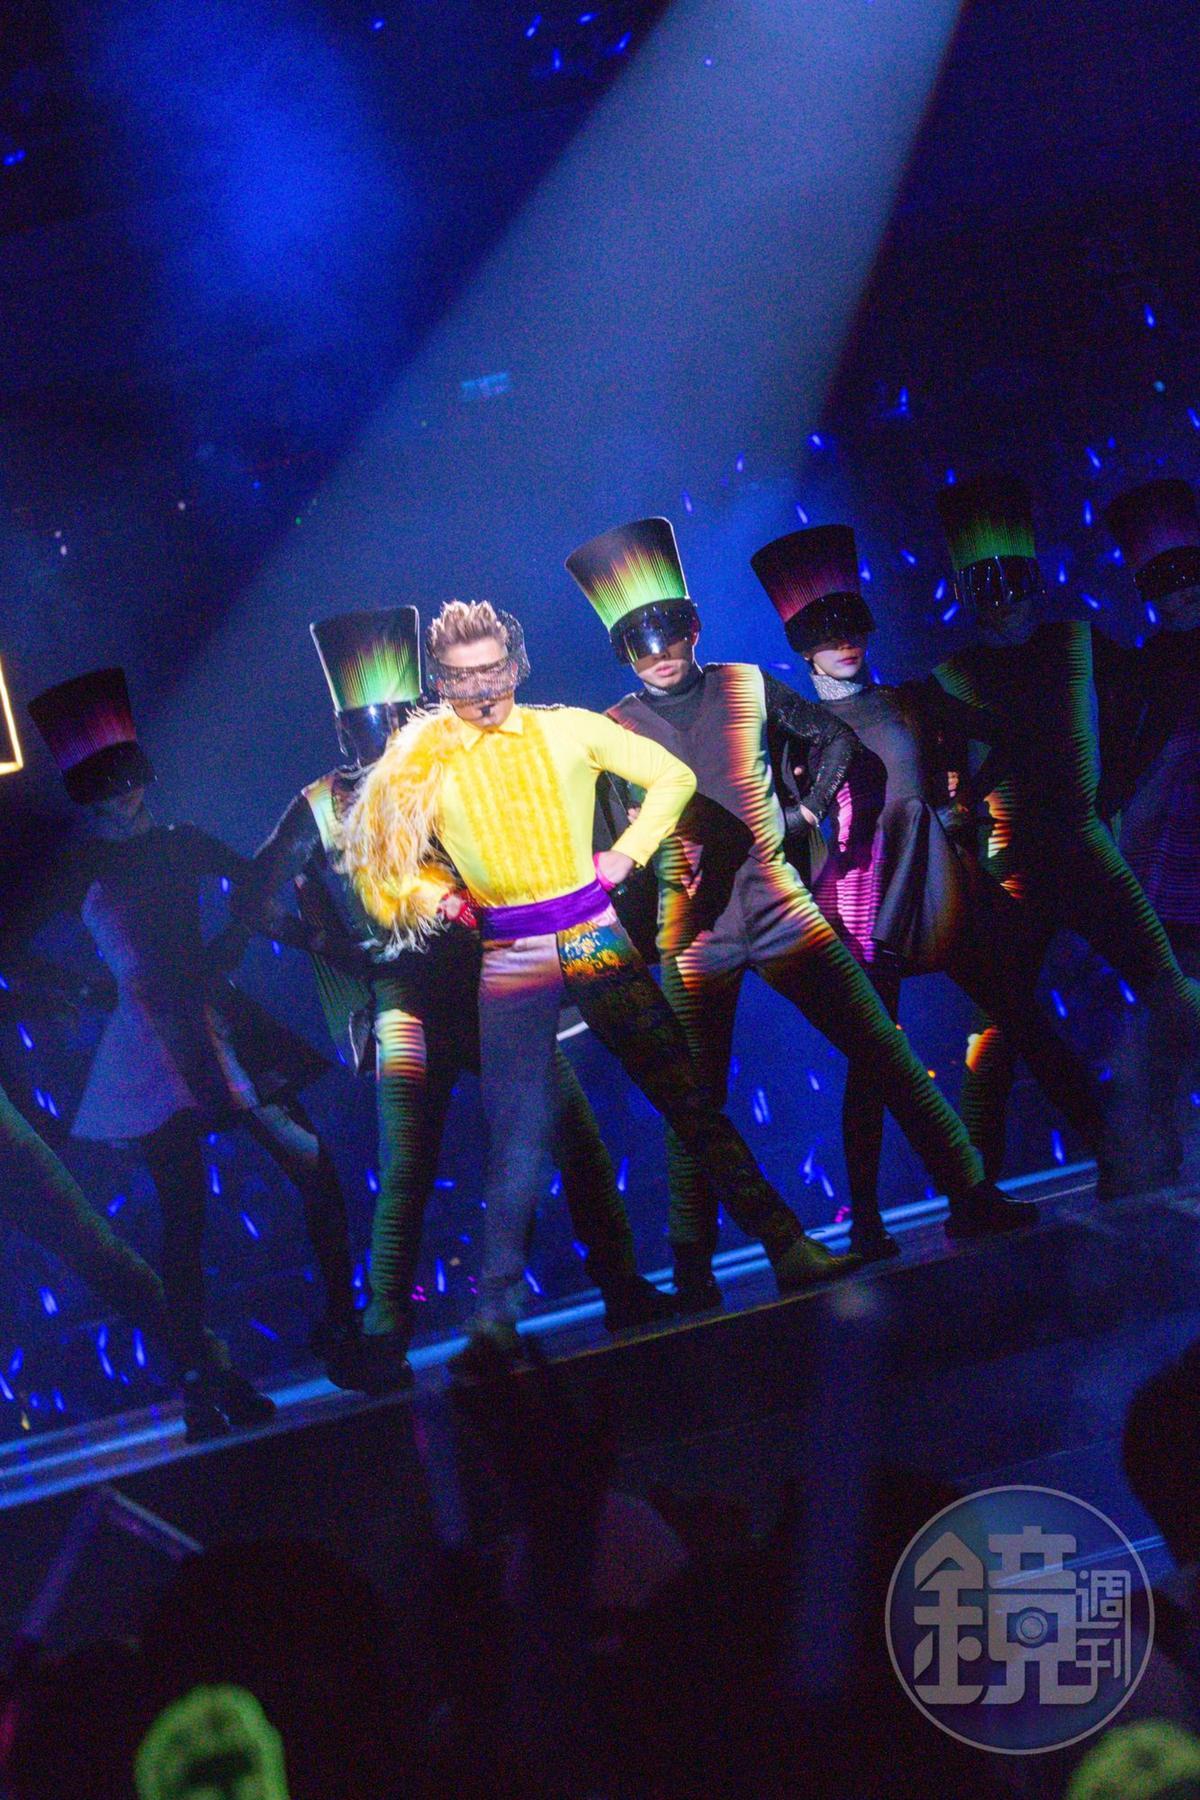 一身大膽用色的黃色羽毛裝開場,郭富城在科幻風造型舞者的促擁下,瞬間點燃全場歌迷氣氛。